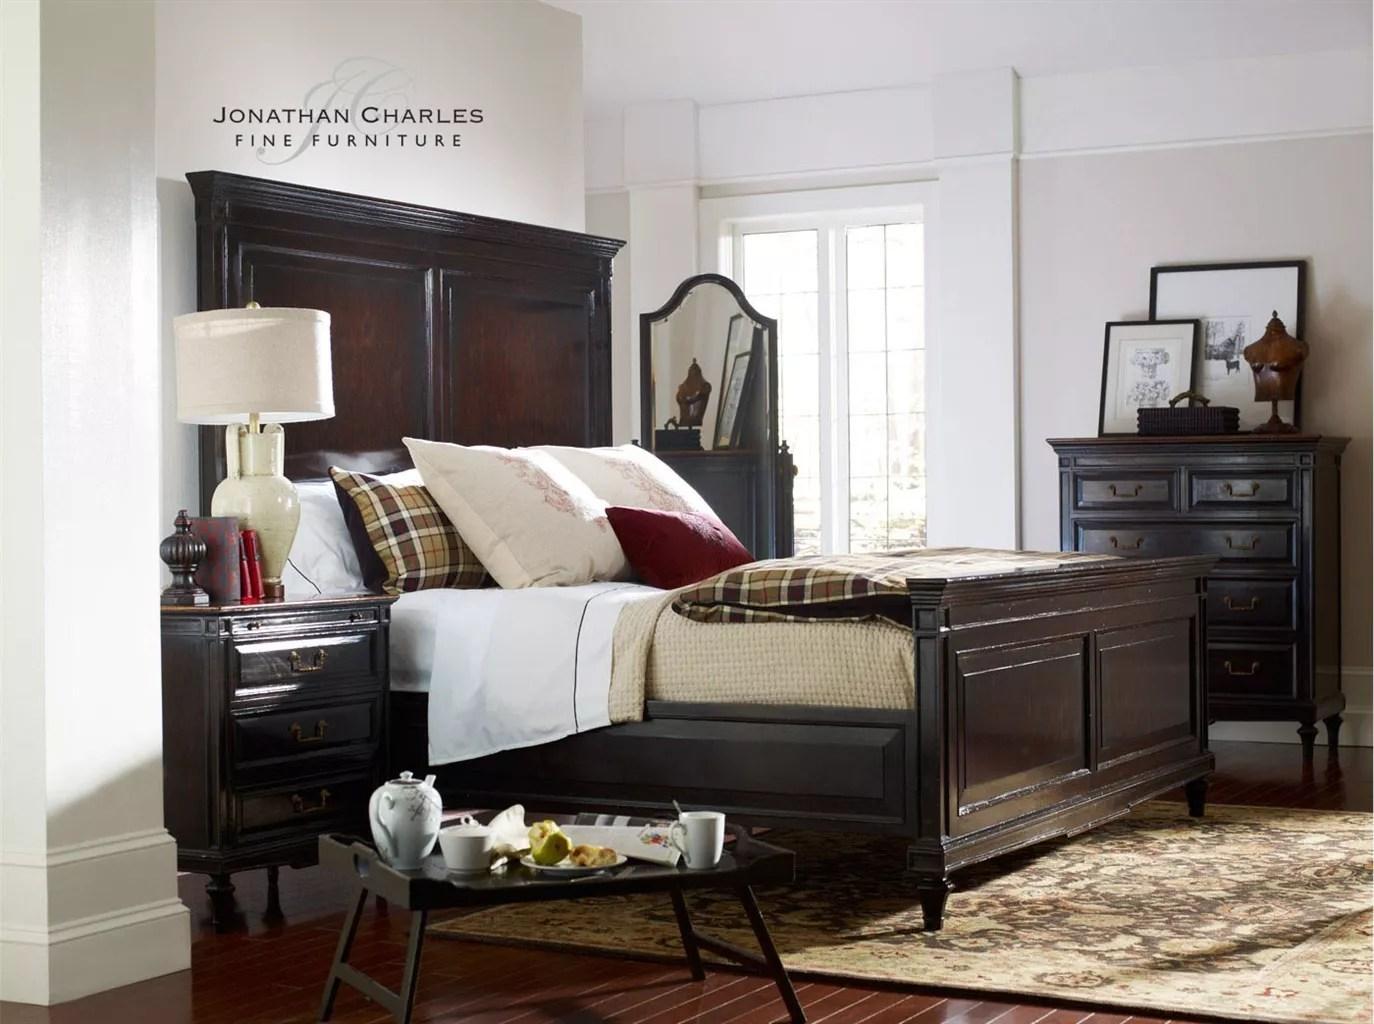 King Size Bed In Ebony